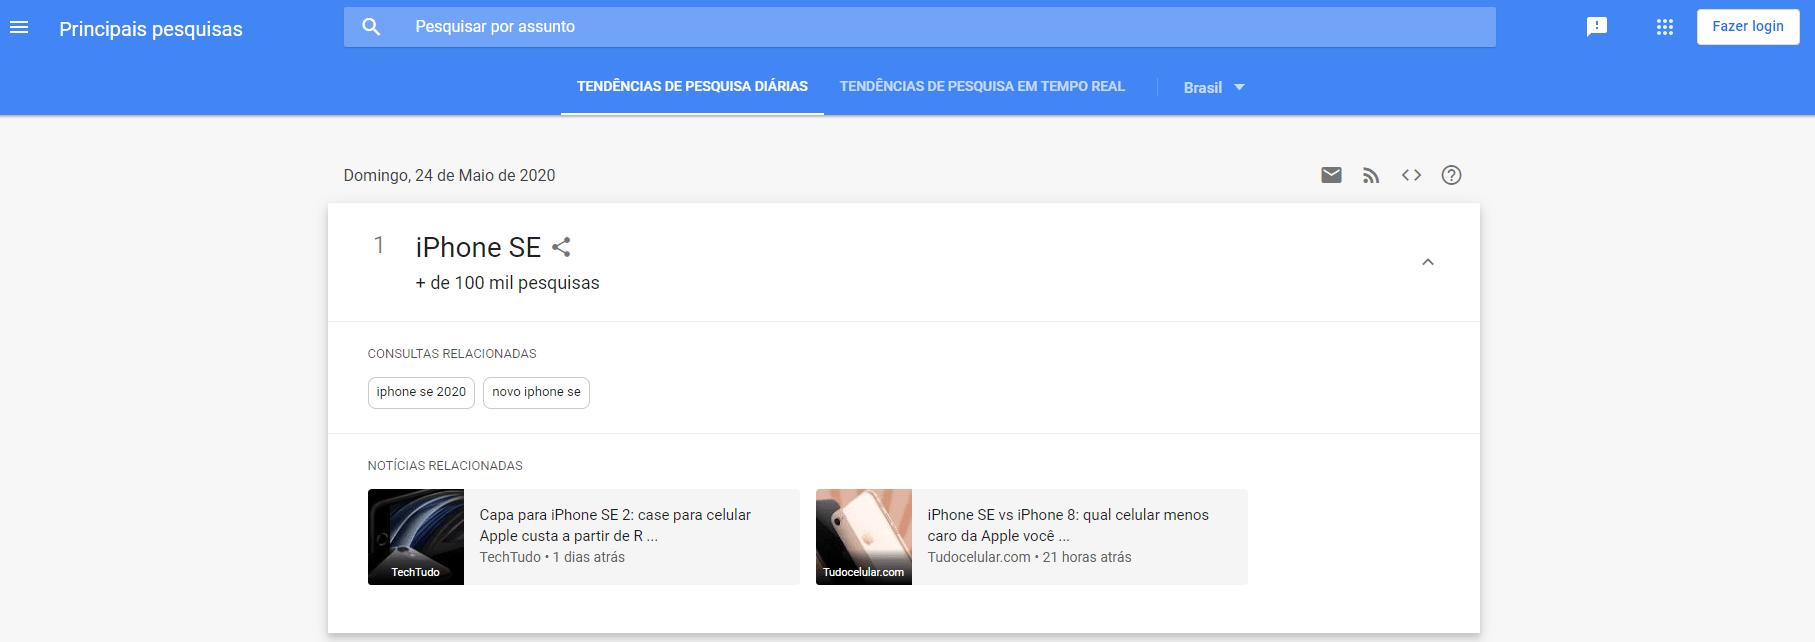 como usar o Google Trends para buscar oportunidades de conteúdo